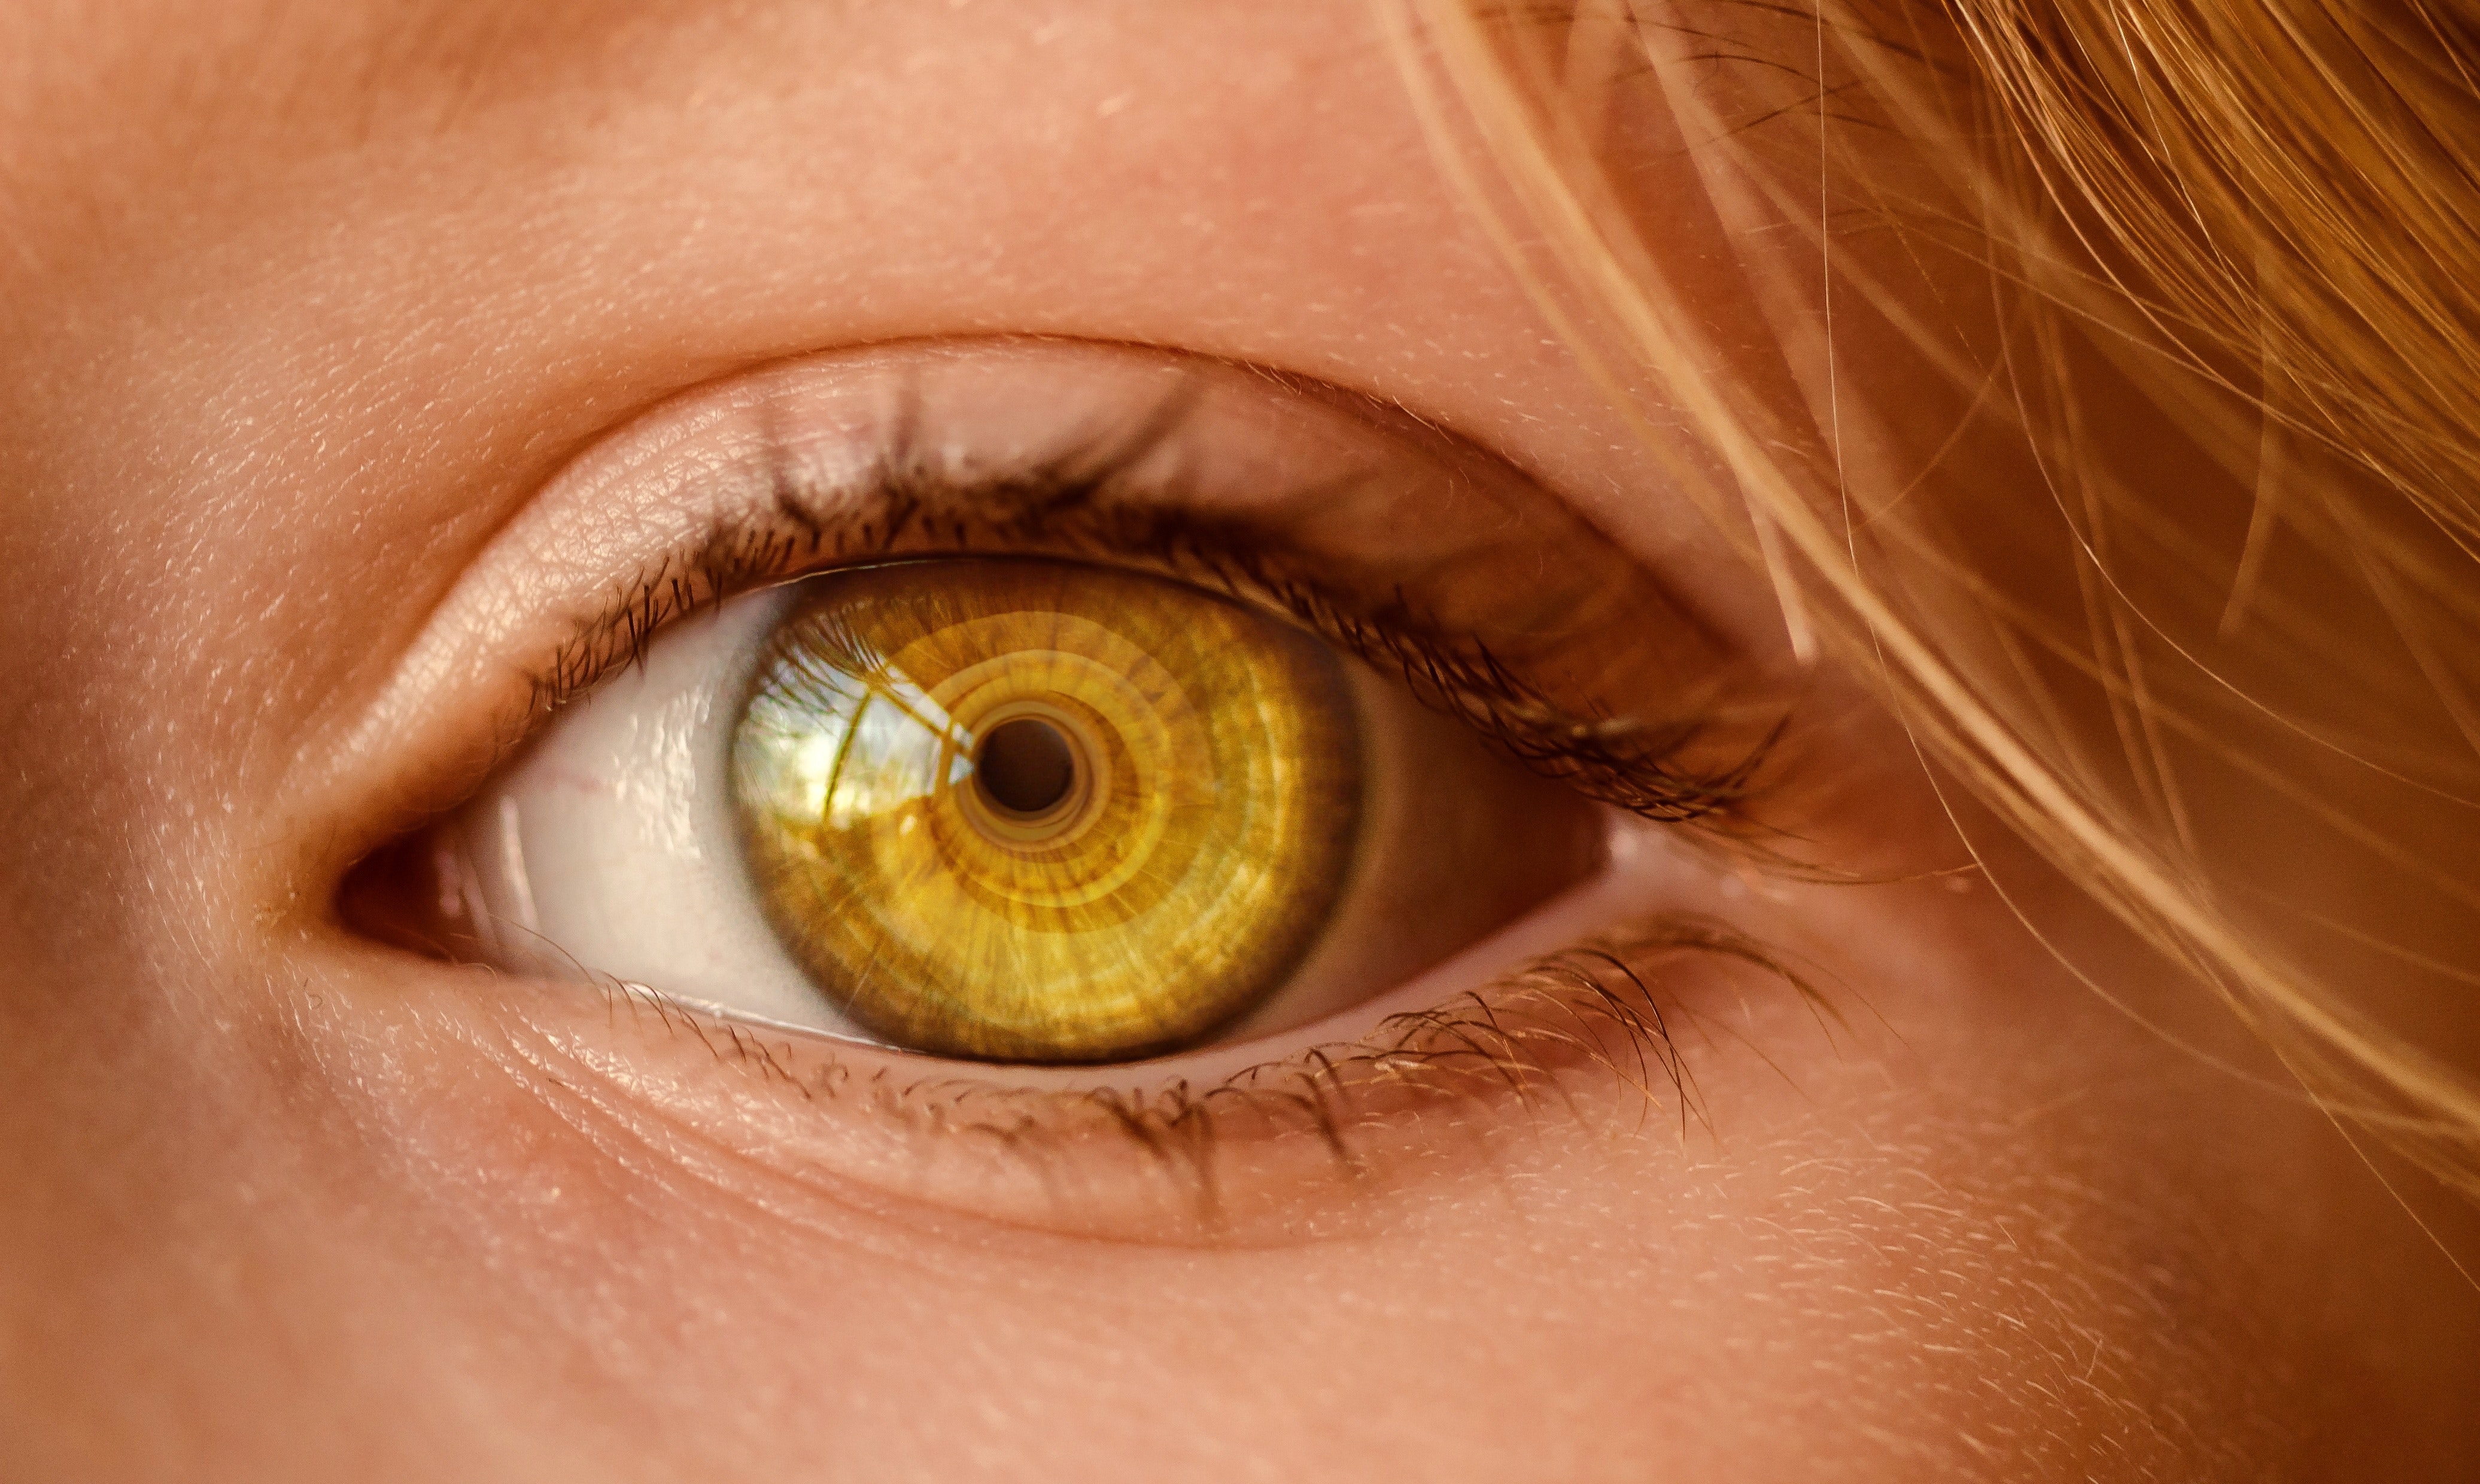 Brązowy kolor oczu ma związek z depresją